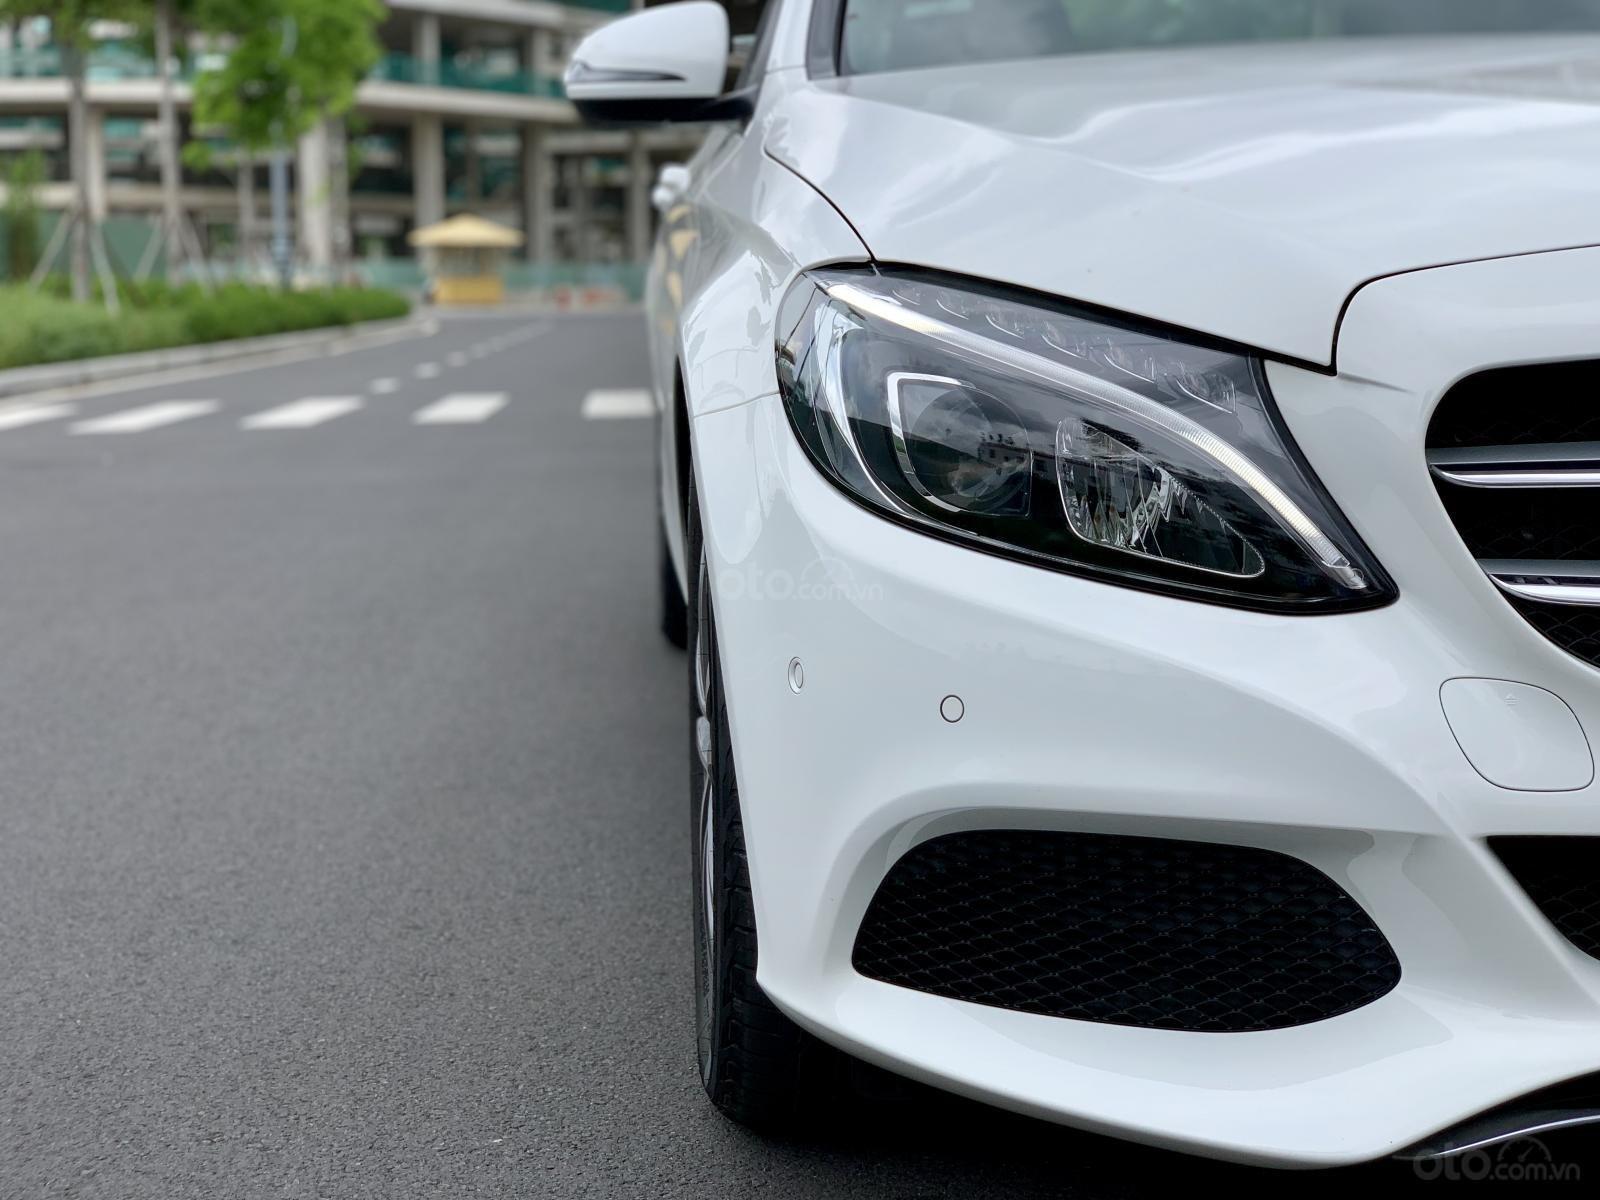 Cần bán Mercedes C200 2018, màu trắng /kem hộp số 9 cấp, loa bumaster-3